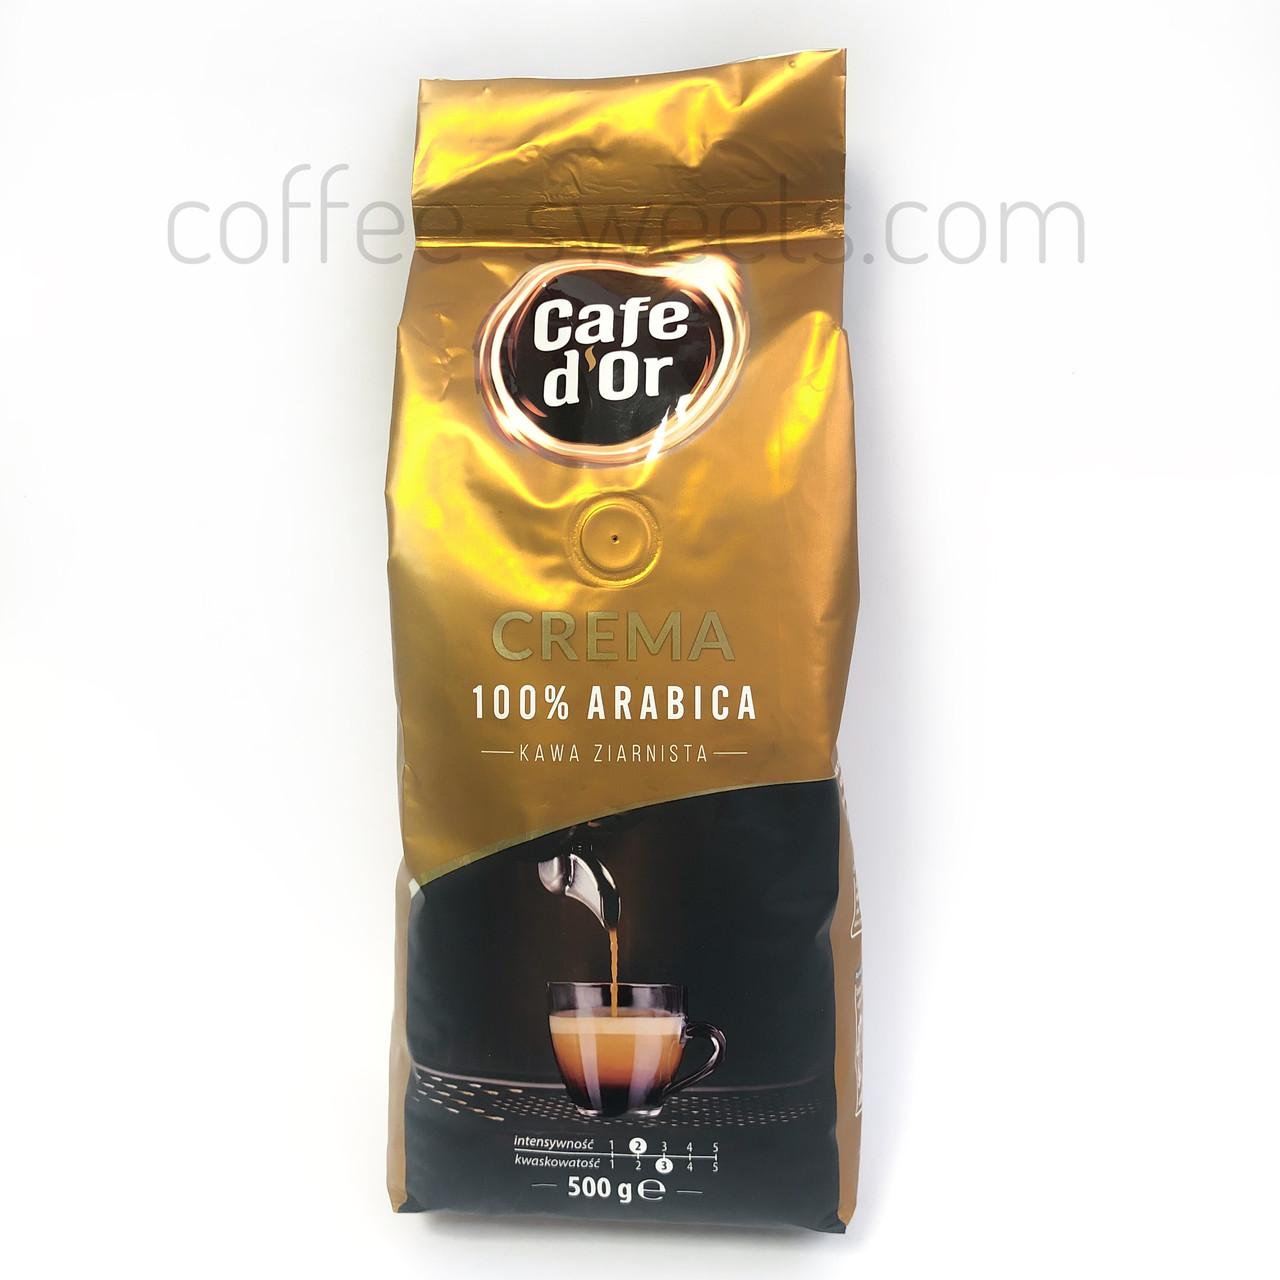 Кофе зерновой Cafe d'Or Crema 500 гр